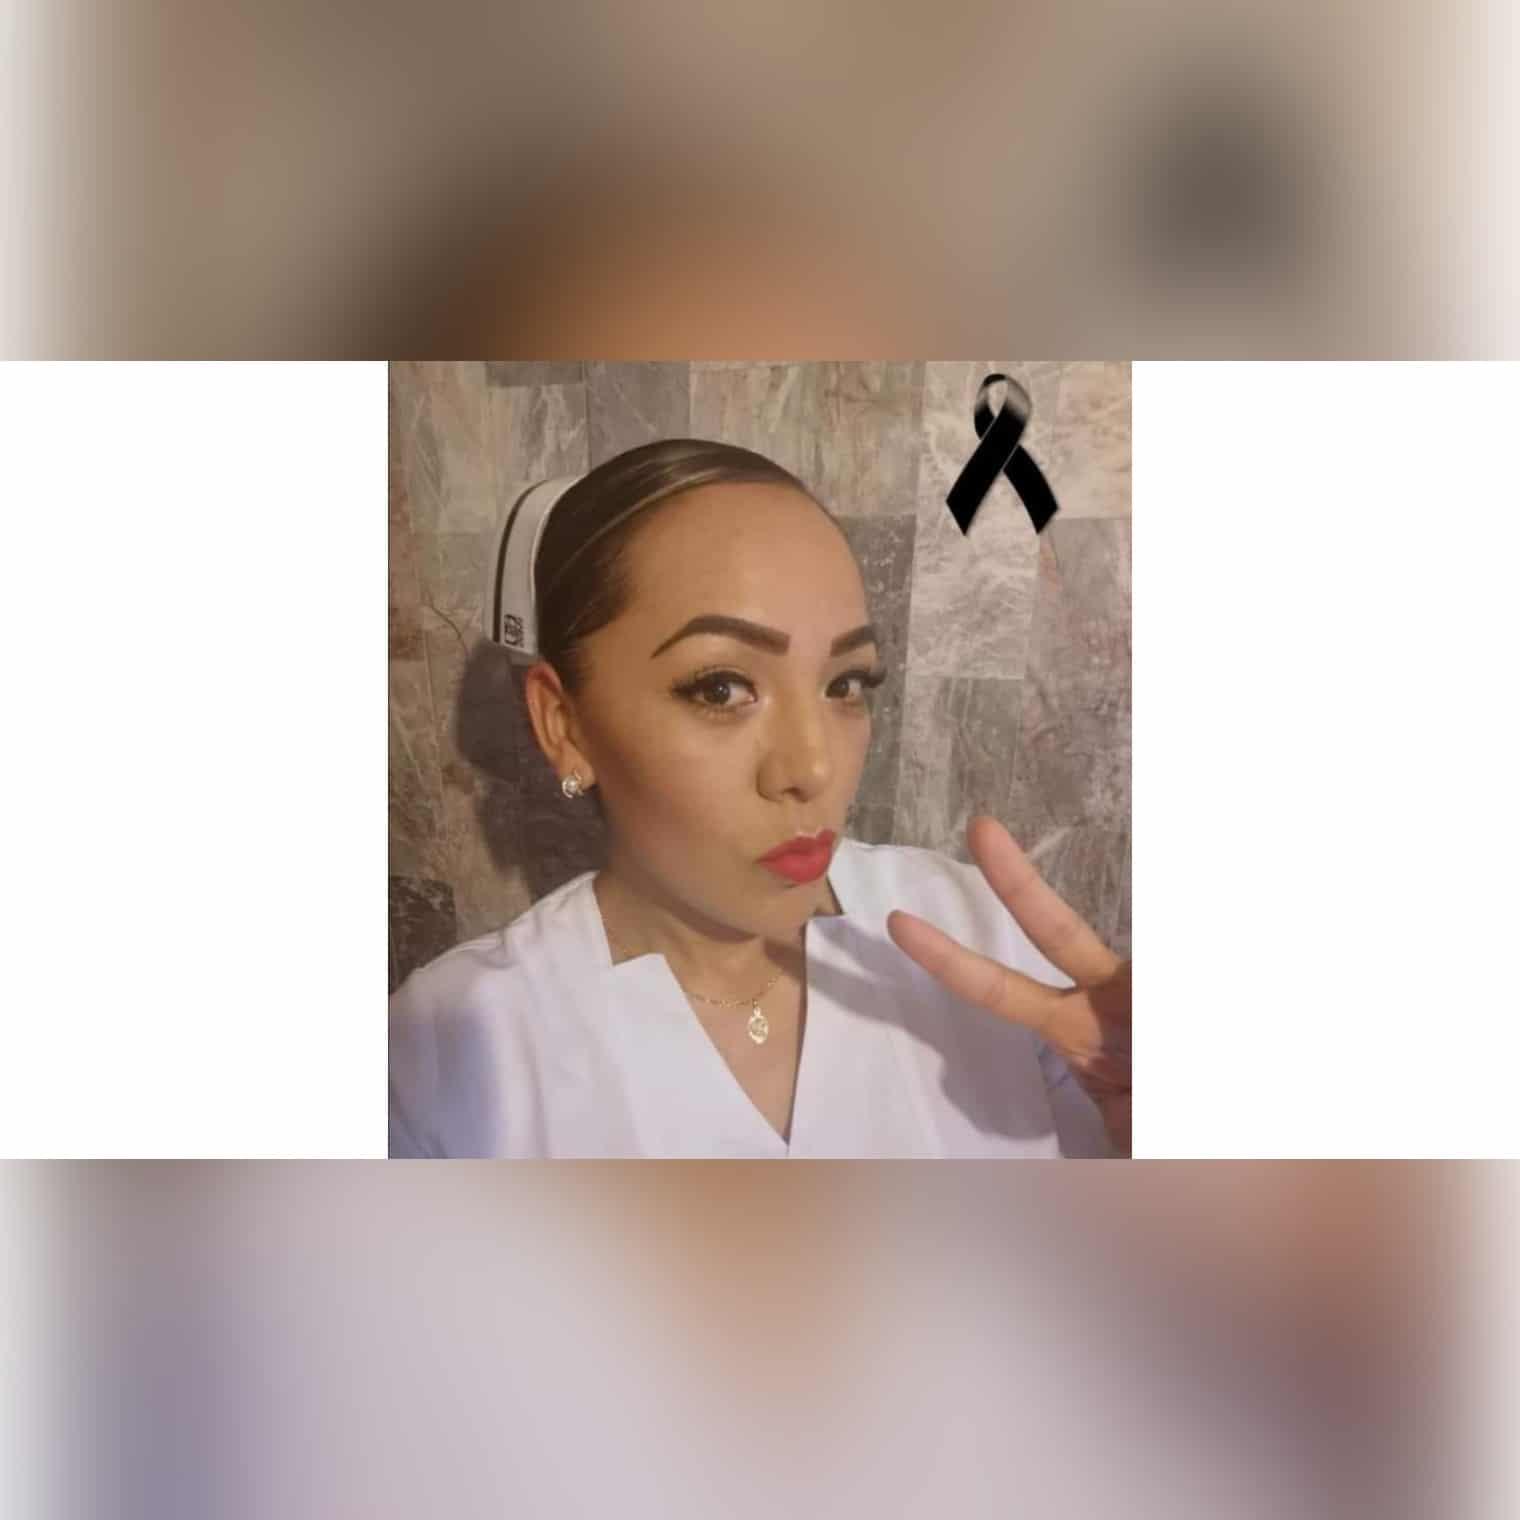 Xitlali desapareció en Morelia, la localizan sin vida en Guanajuato. 1